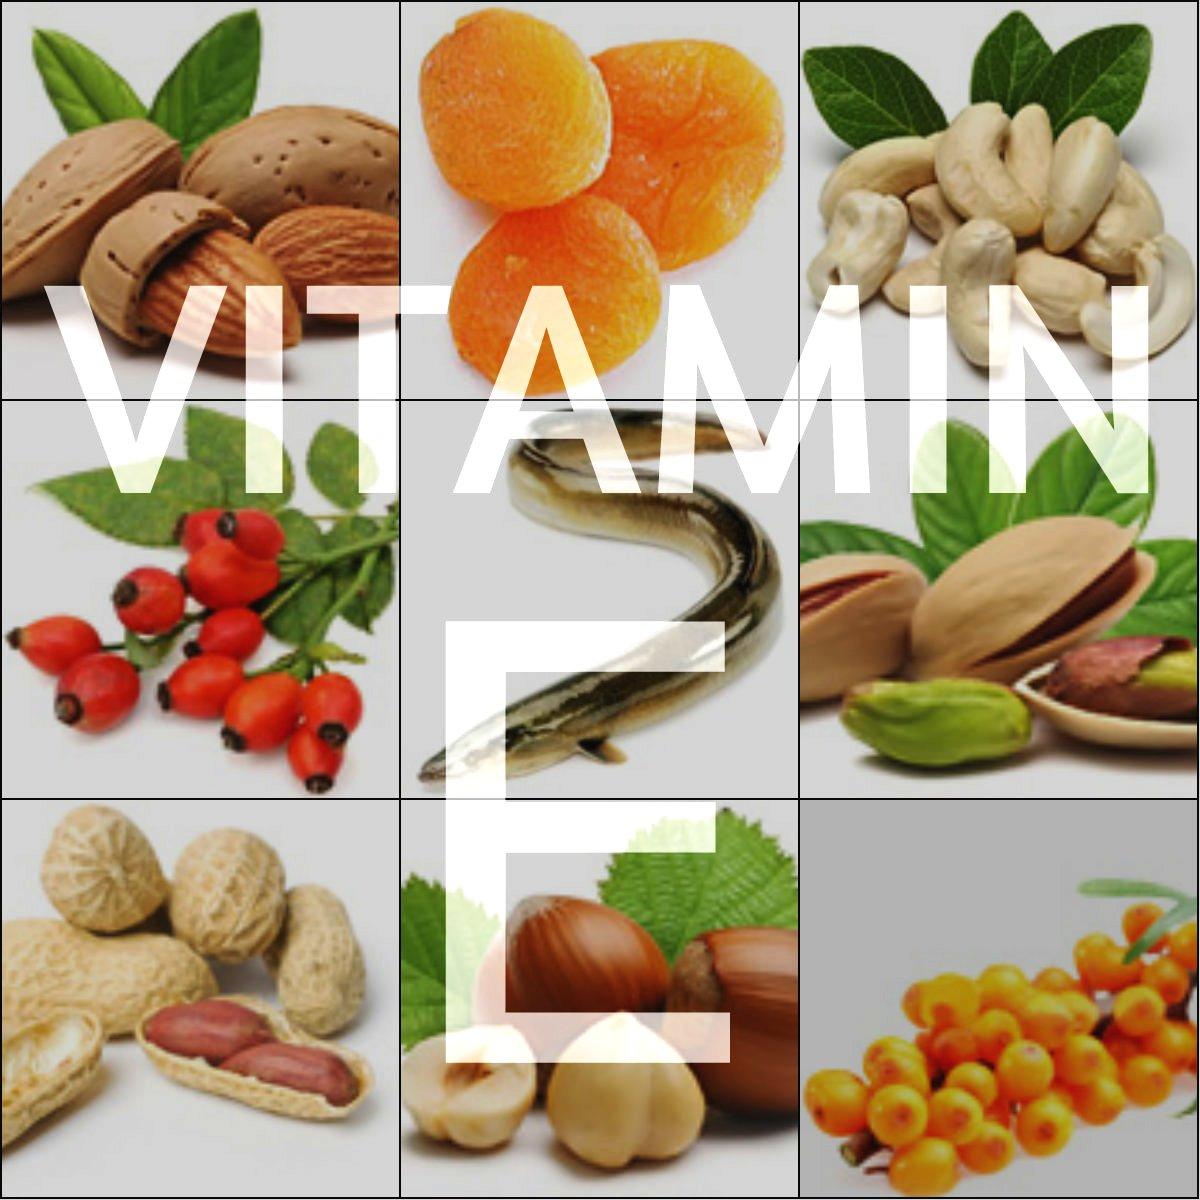 Необходимо употреблять в пищу продукты богатые содержанием витамина е и токоферола